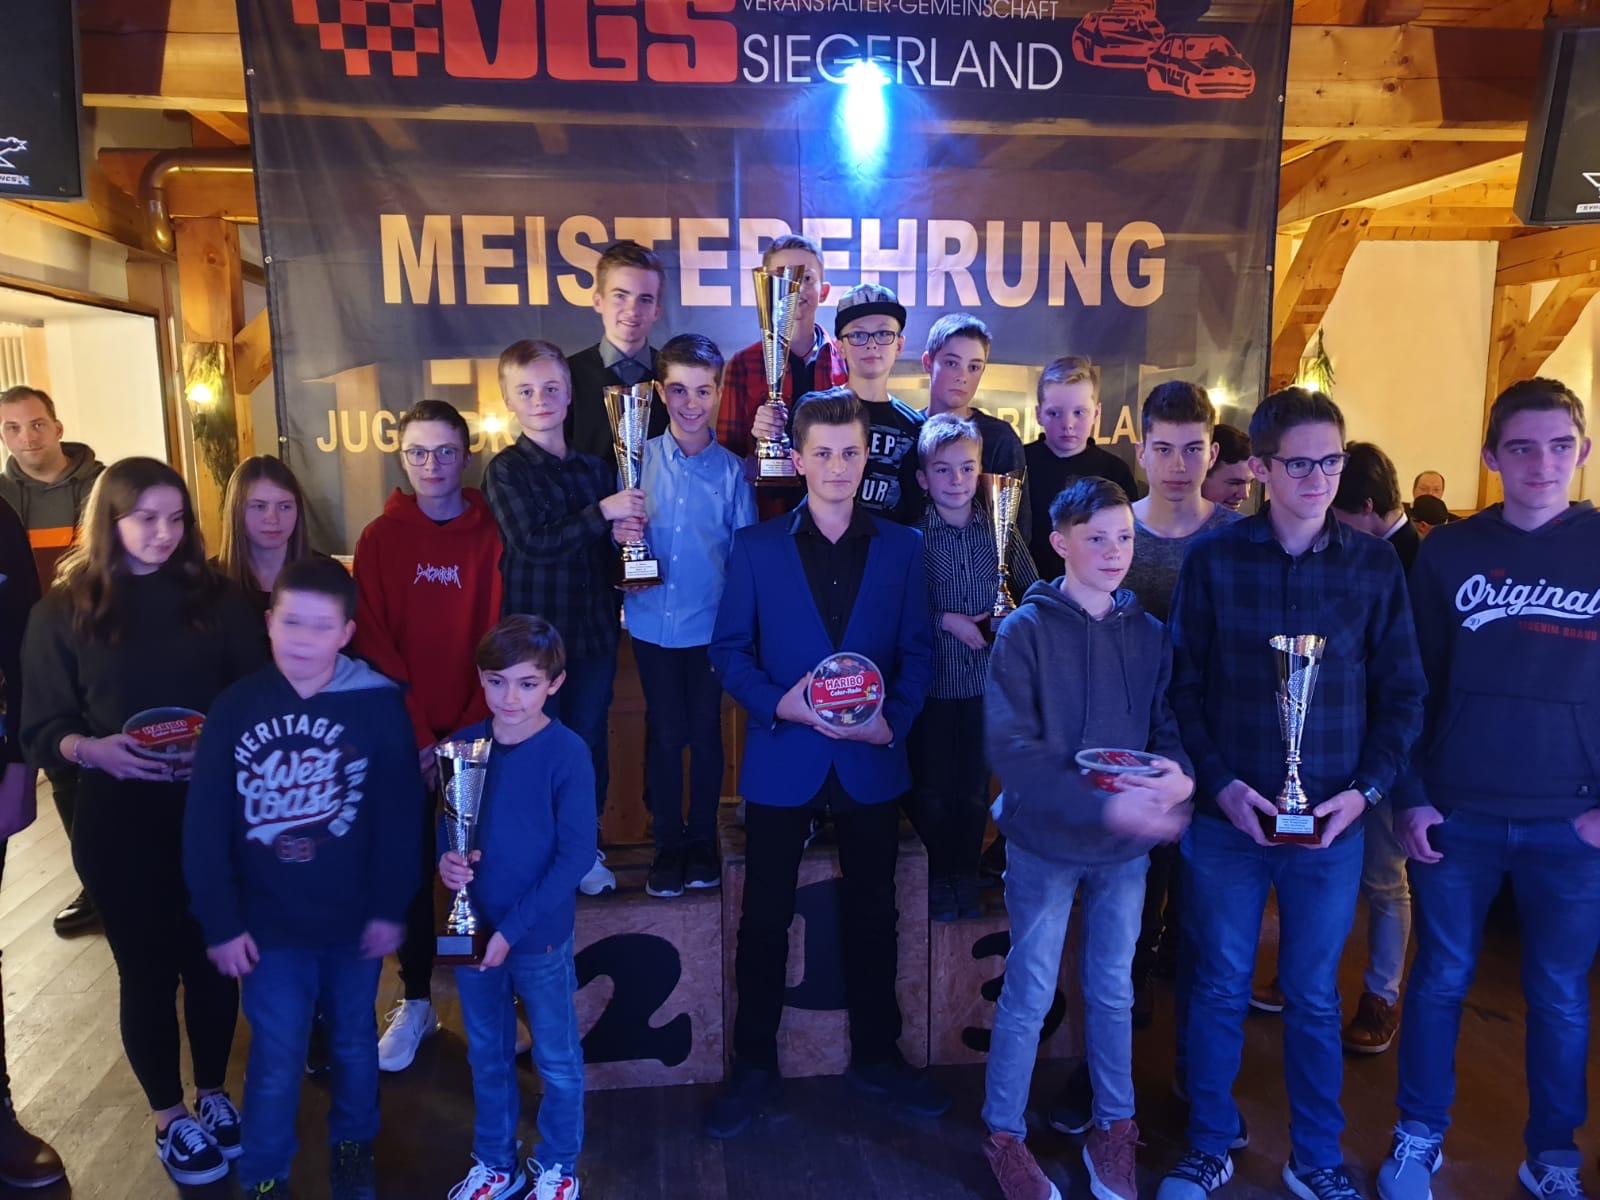 OAC_VGS Siegerlandmeisterschaft Team alle